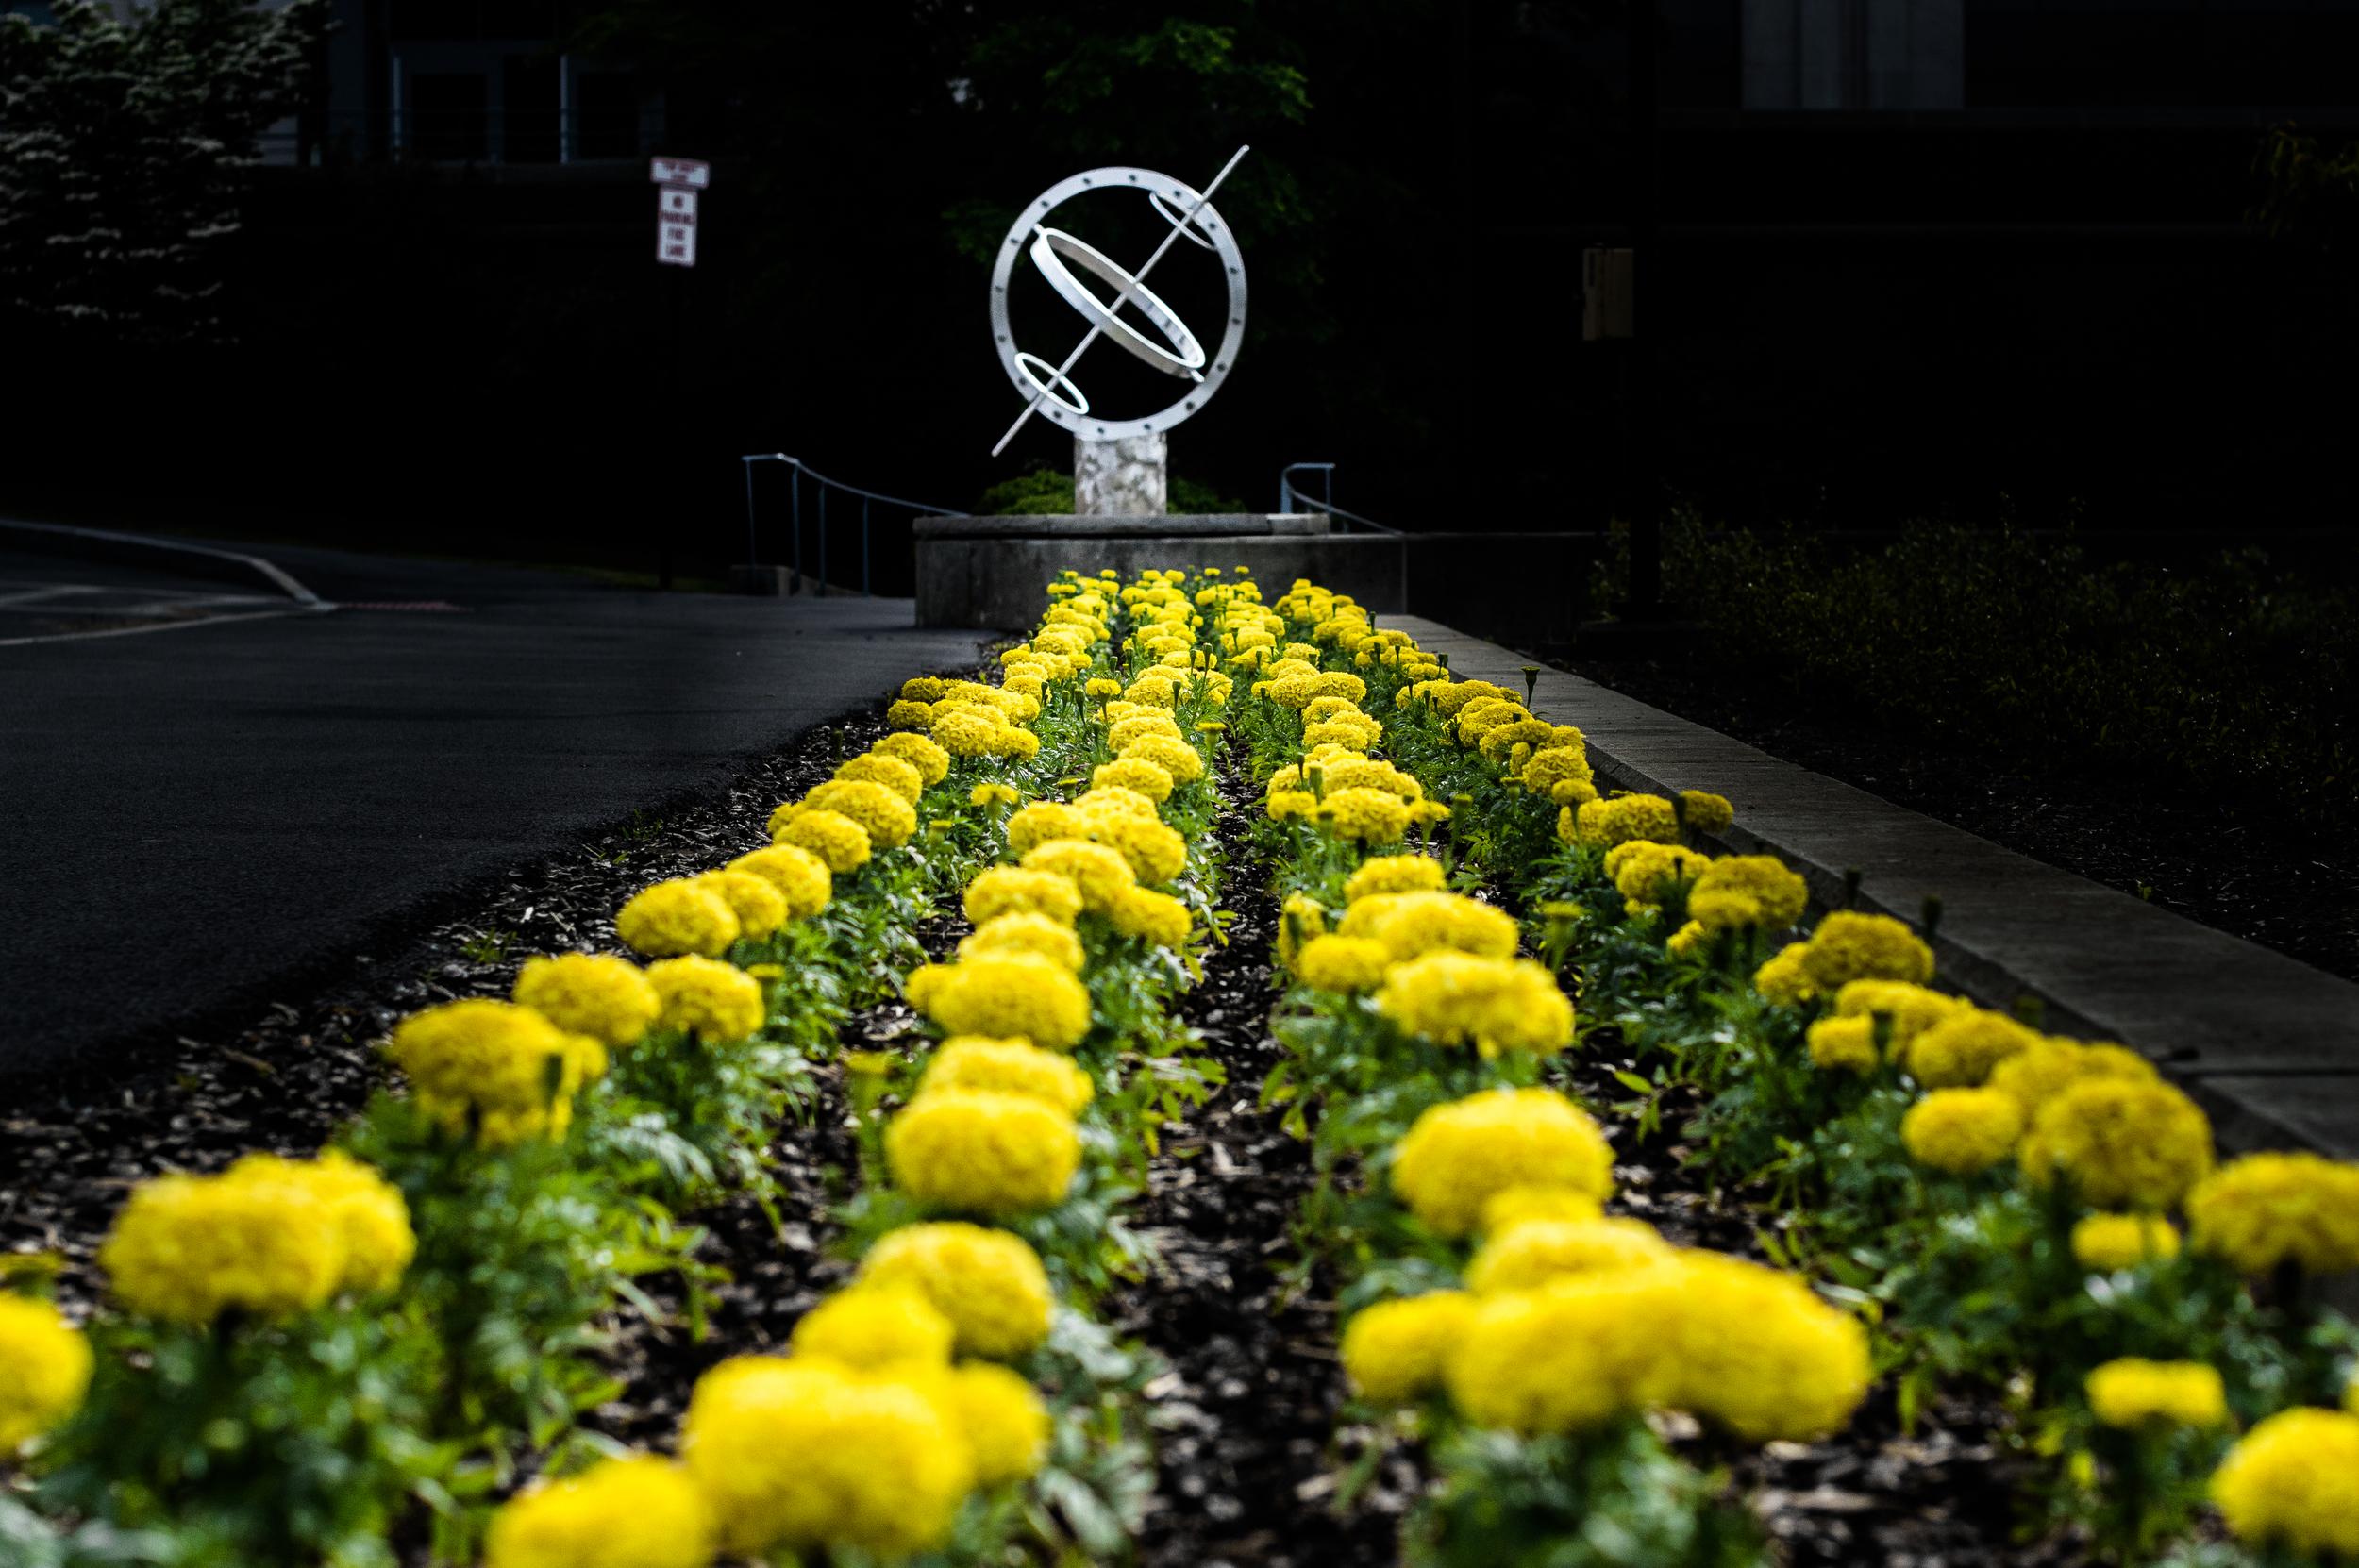 Ithaca flowers.jpg